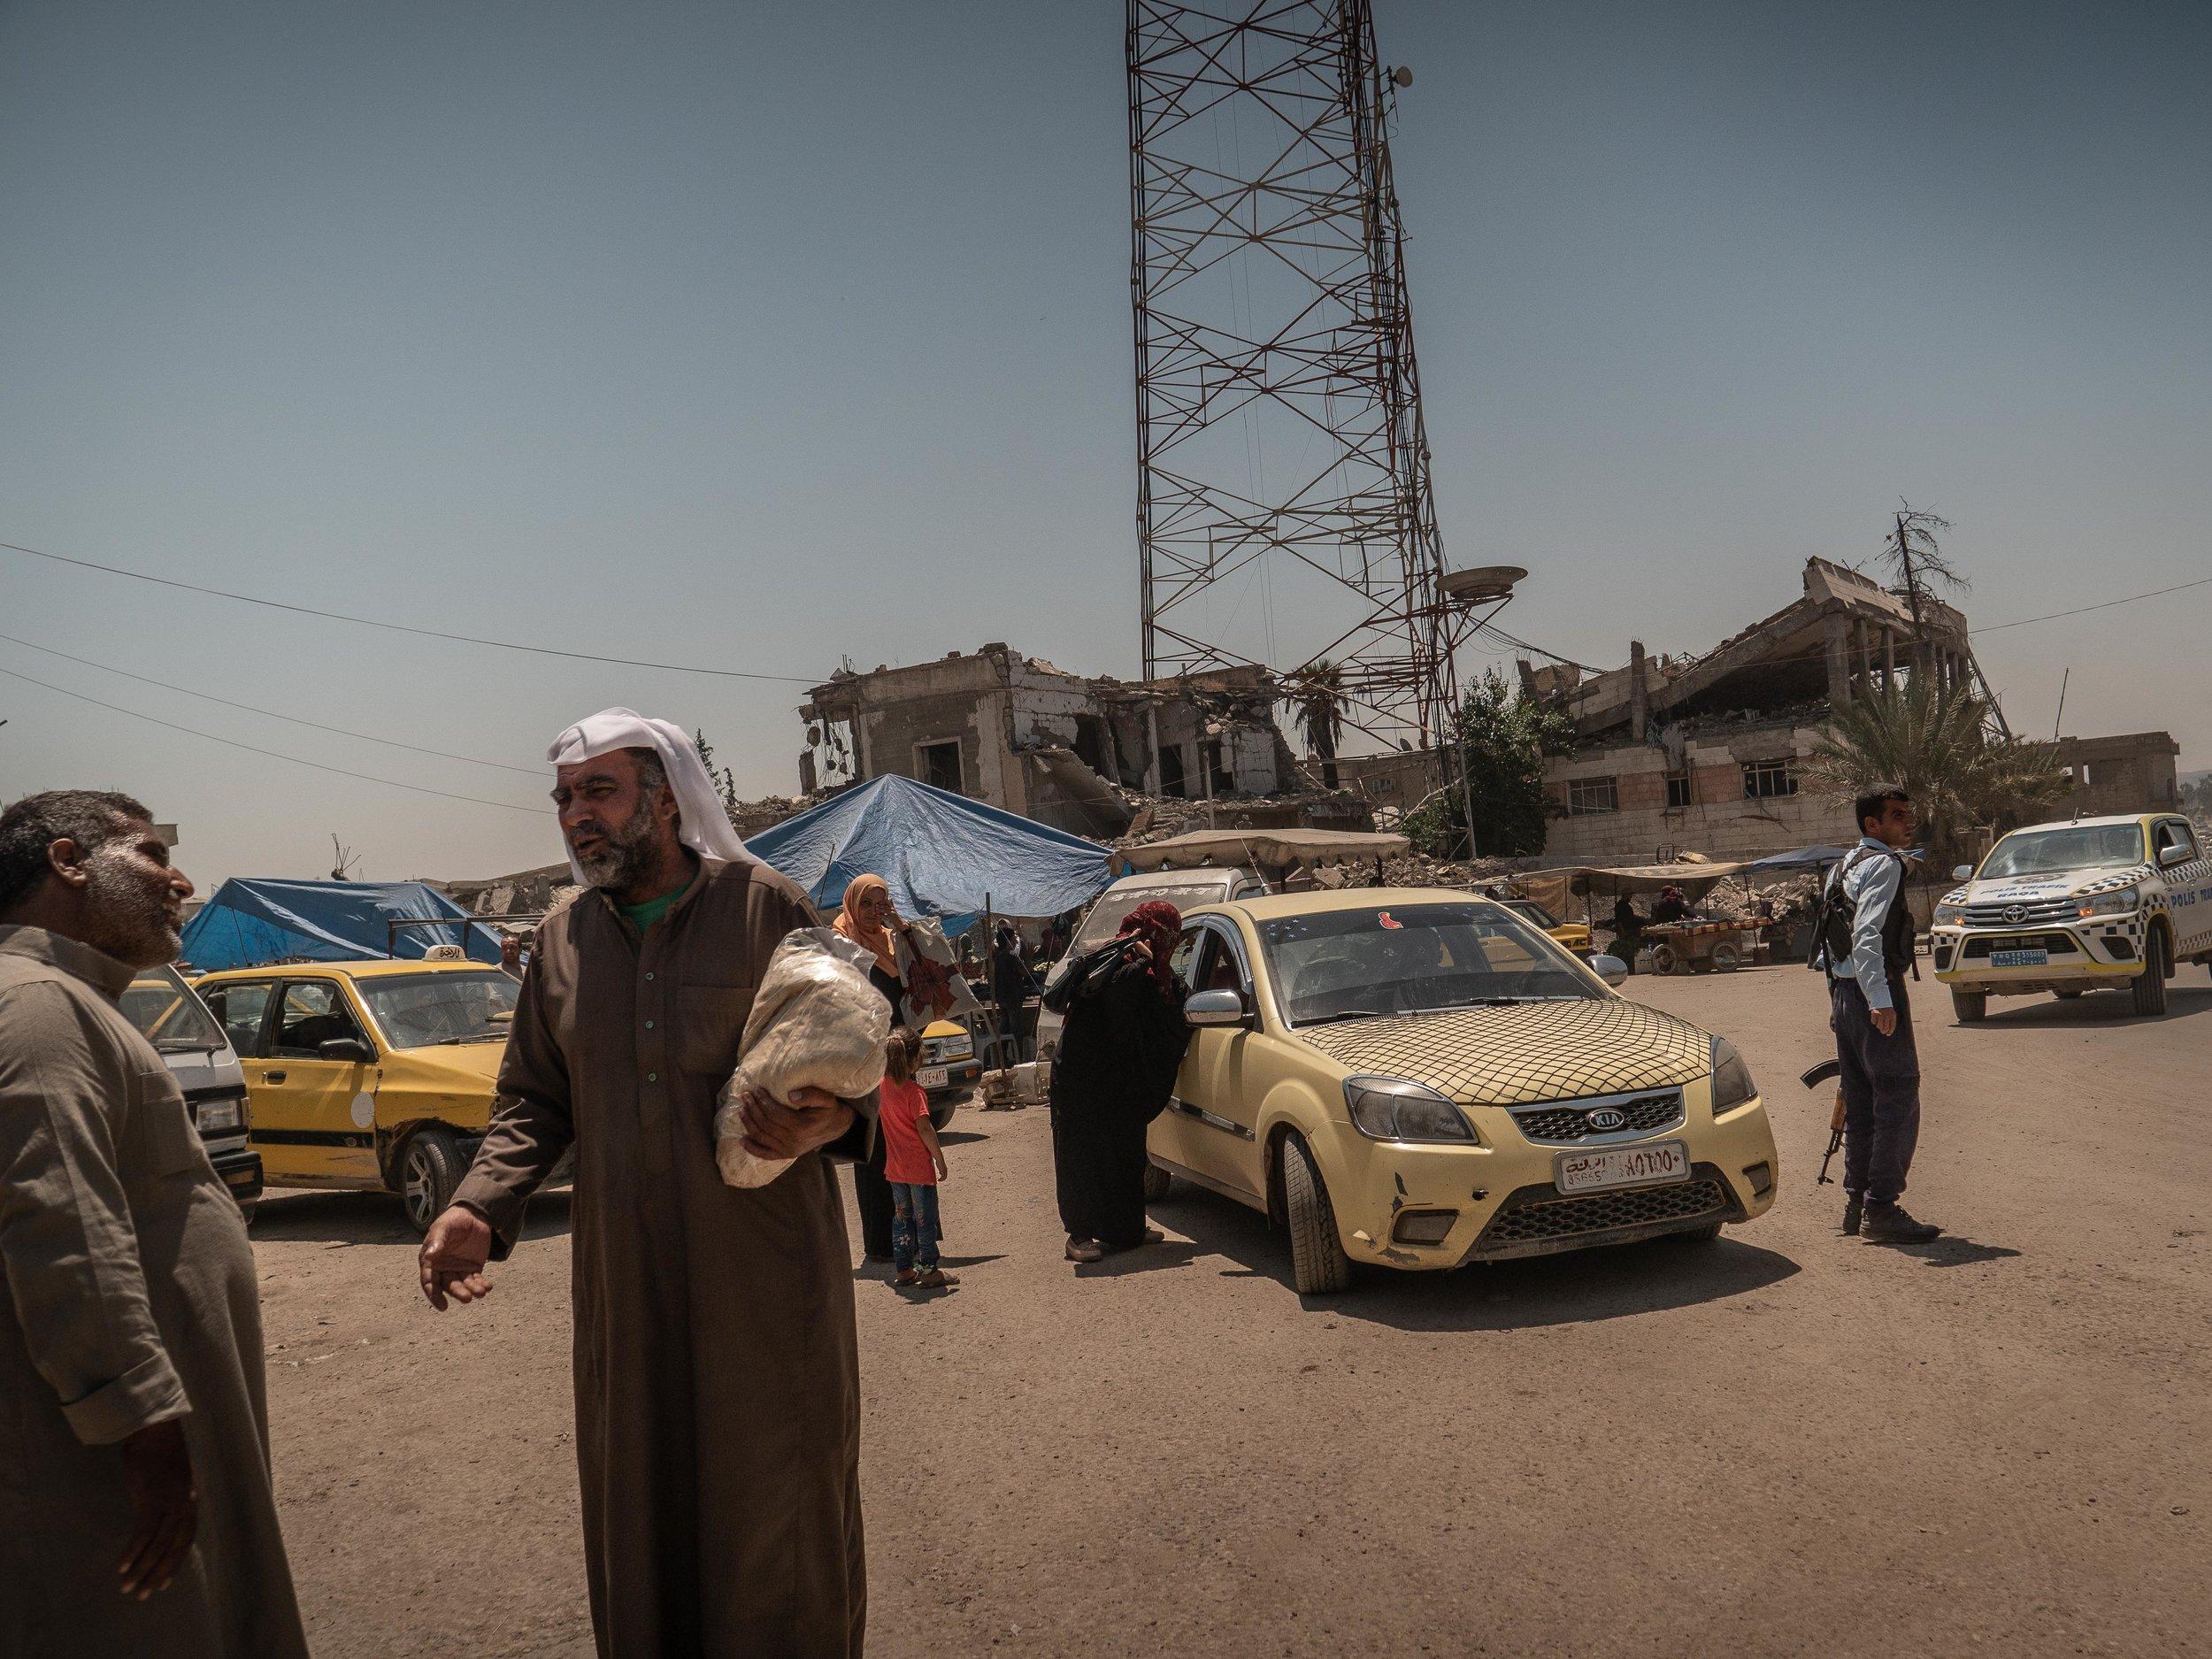 29/05/19, Raqqa, Syria - Street scene in Raqqa.